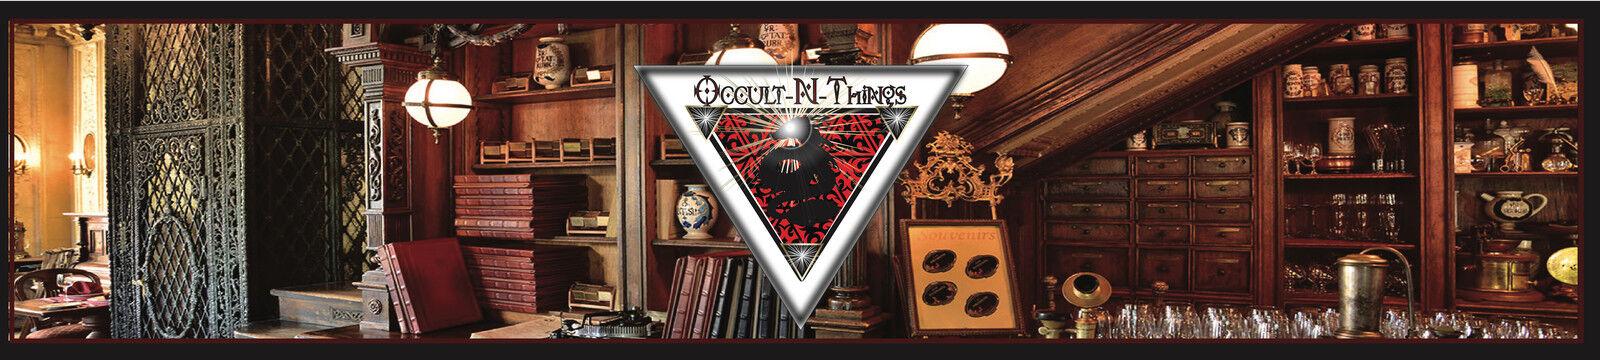 Occult-N-Things